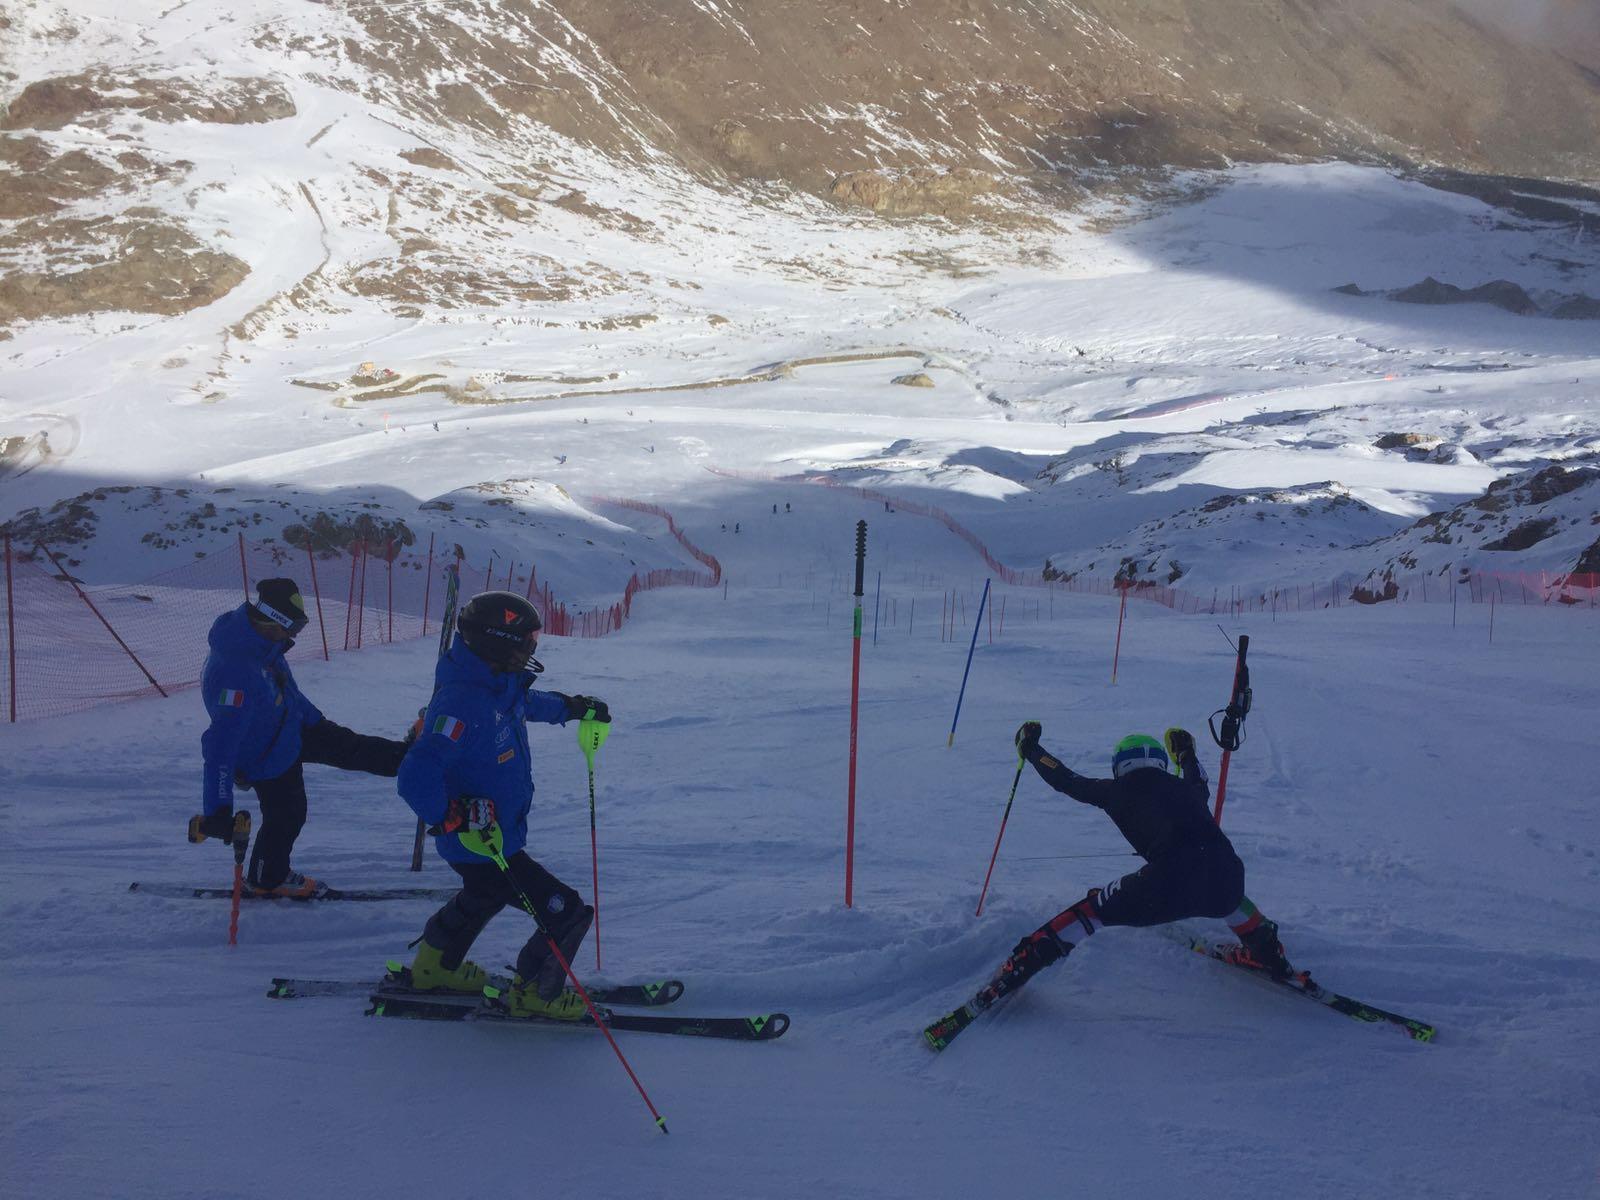 Slalomisti pronti ad attaccare il tracciato di allenamento